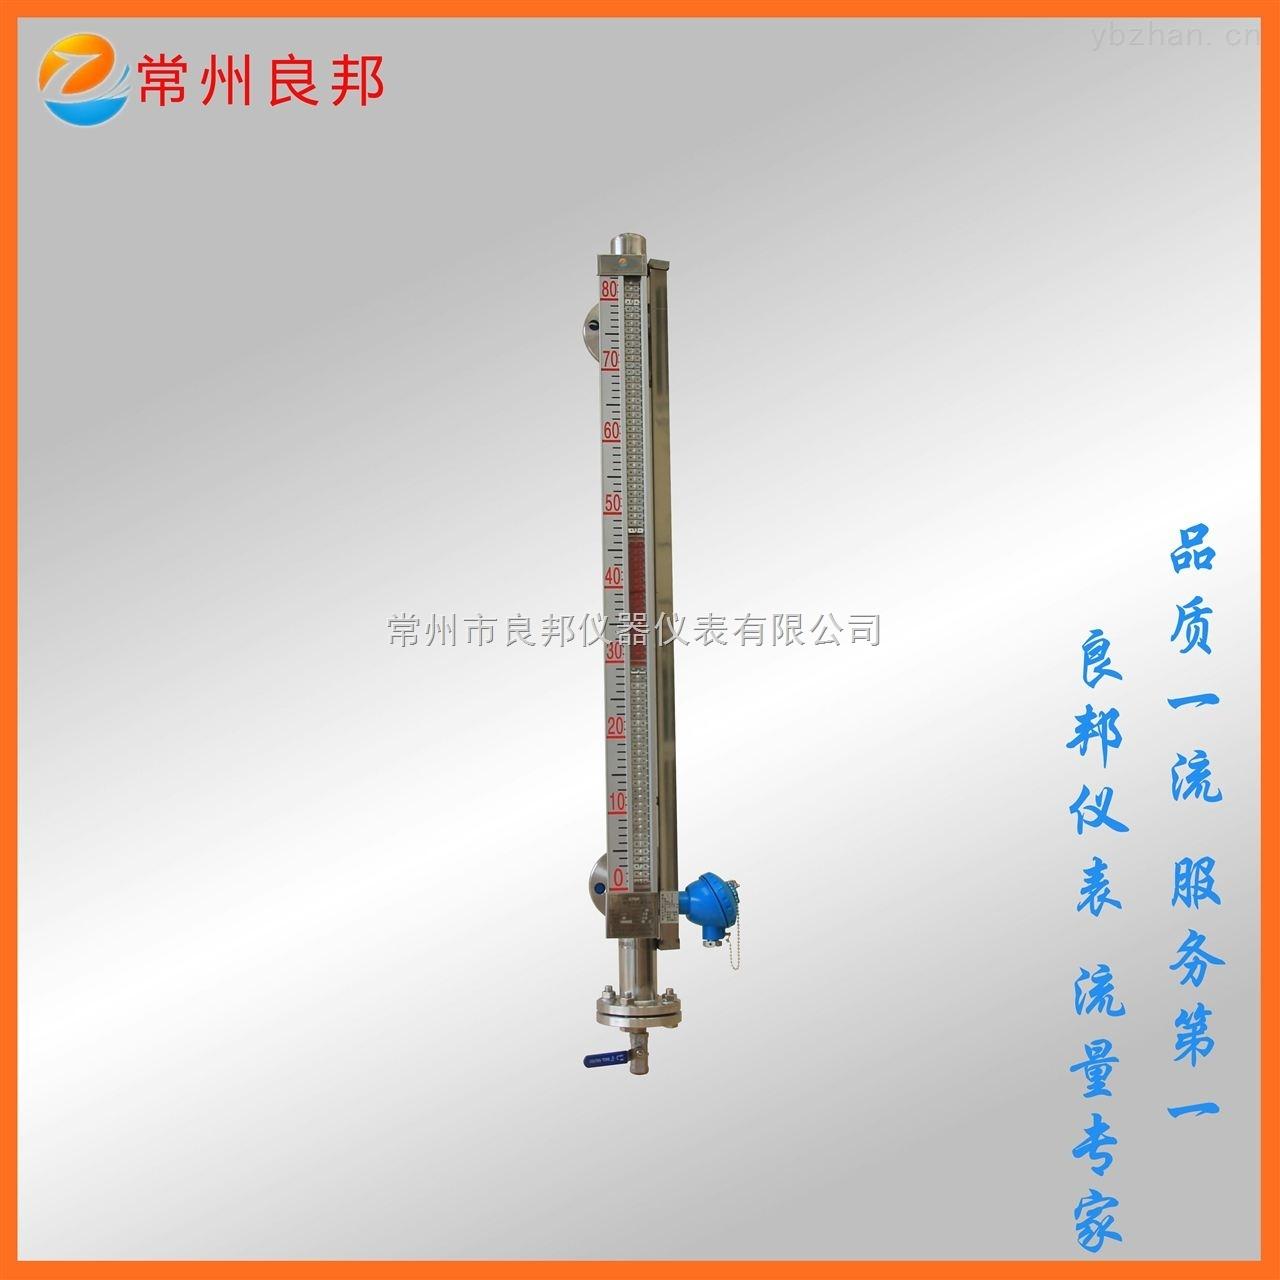 UHZ-517C-侧装式磁翻板液位计 价格实惠 厂家生产真材实料 耐腐蚀耐高温